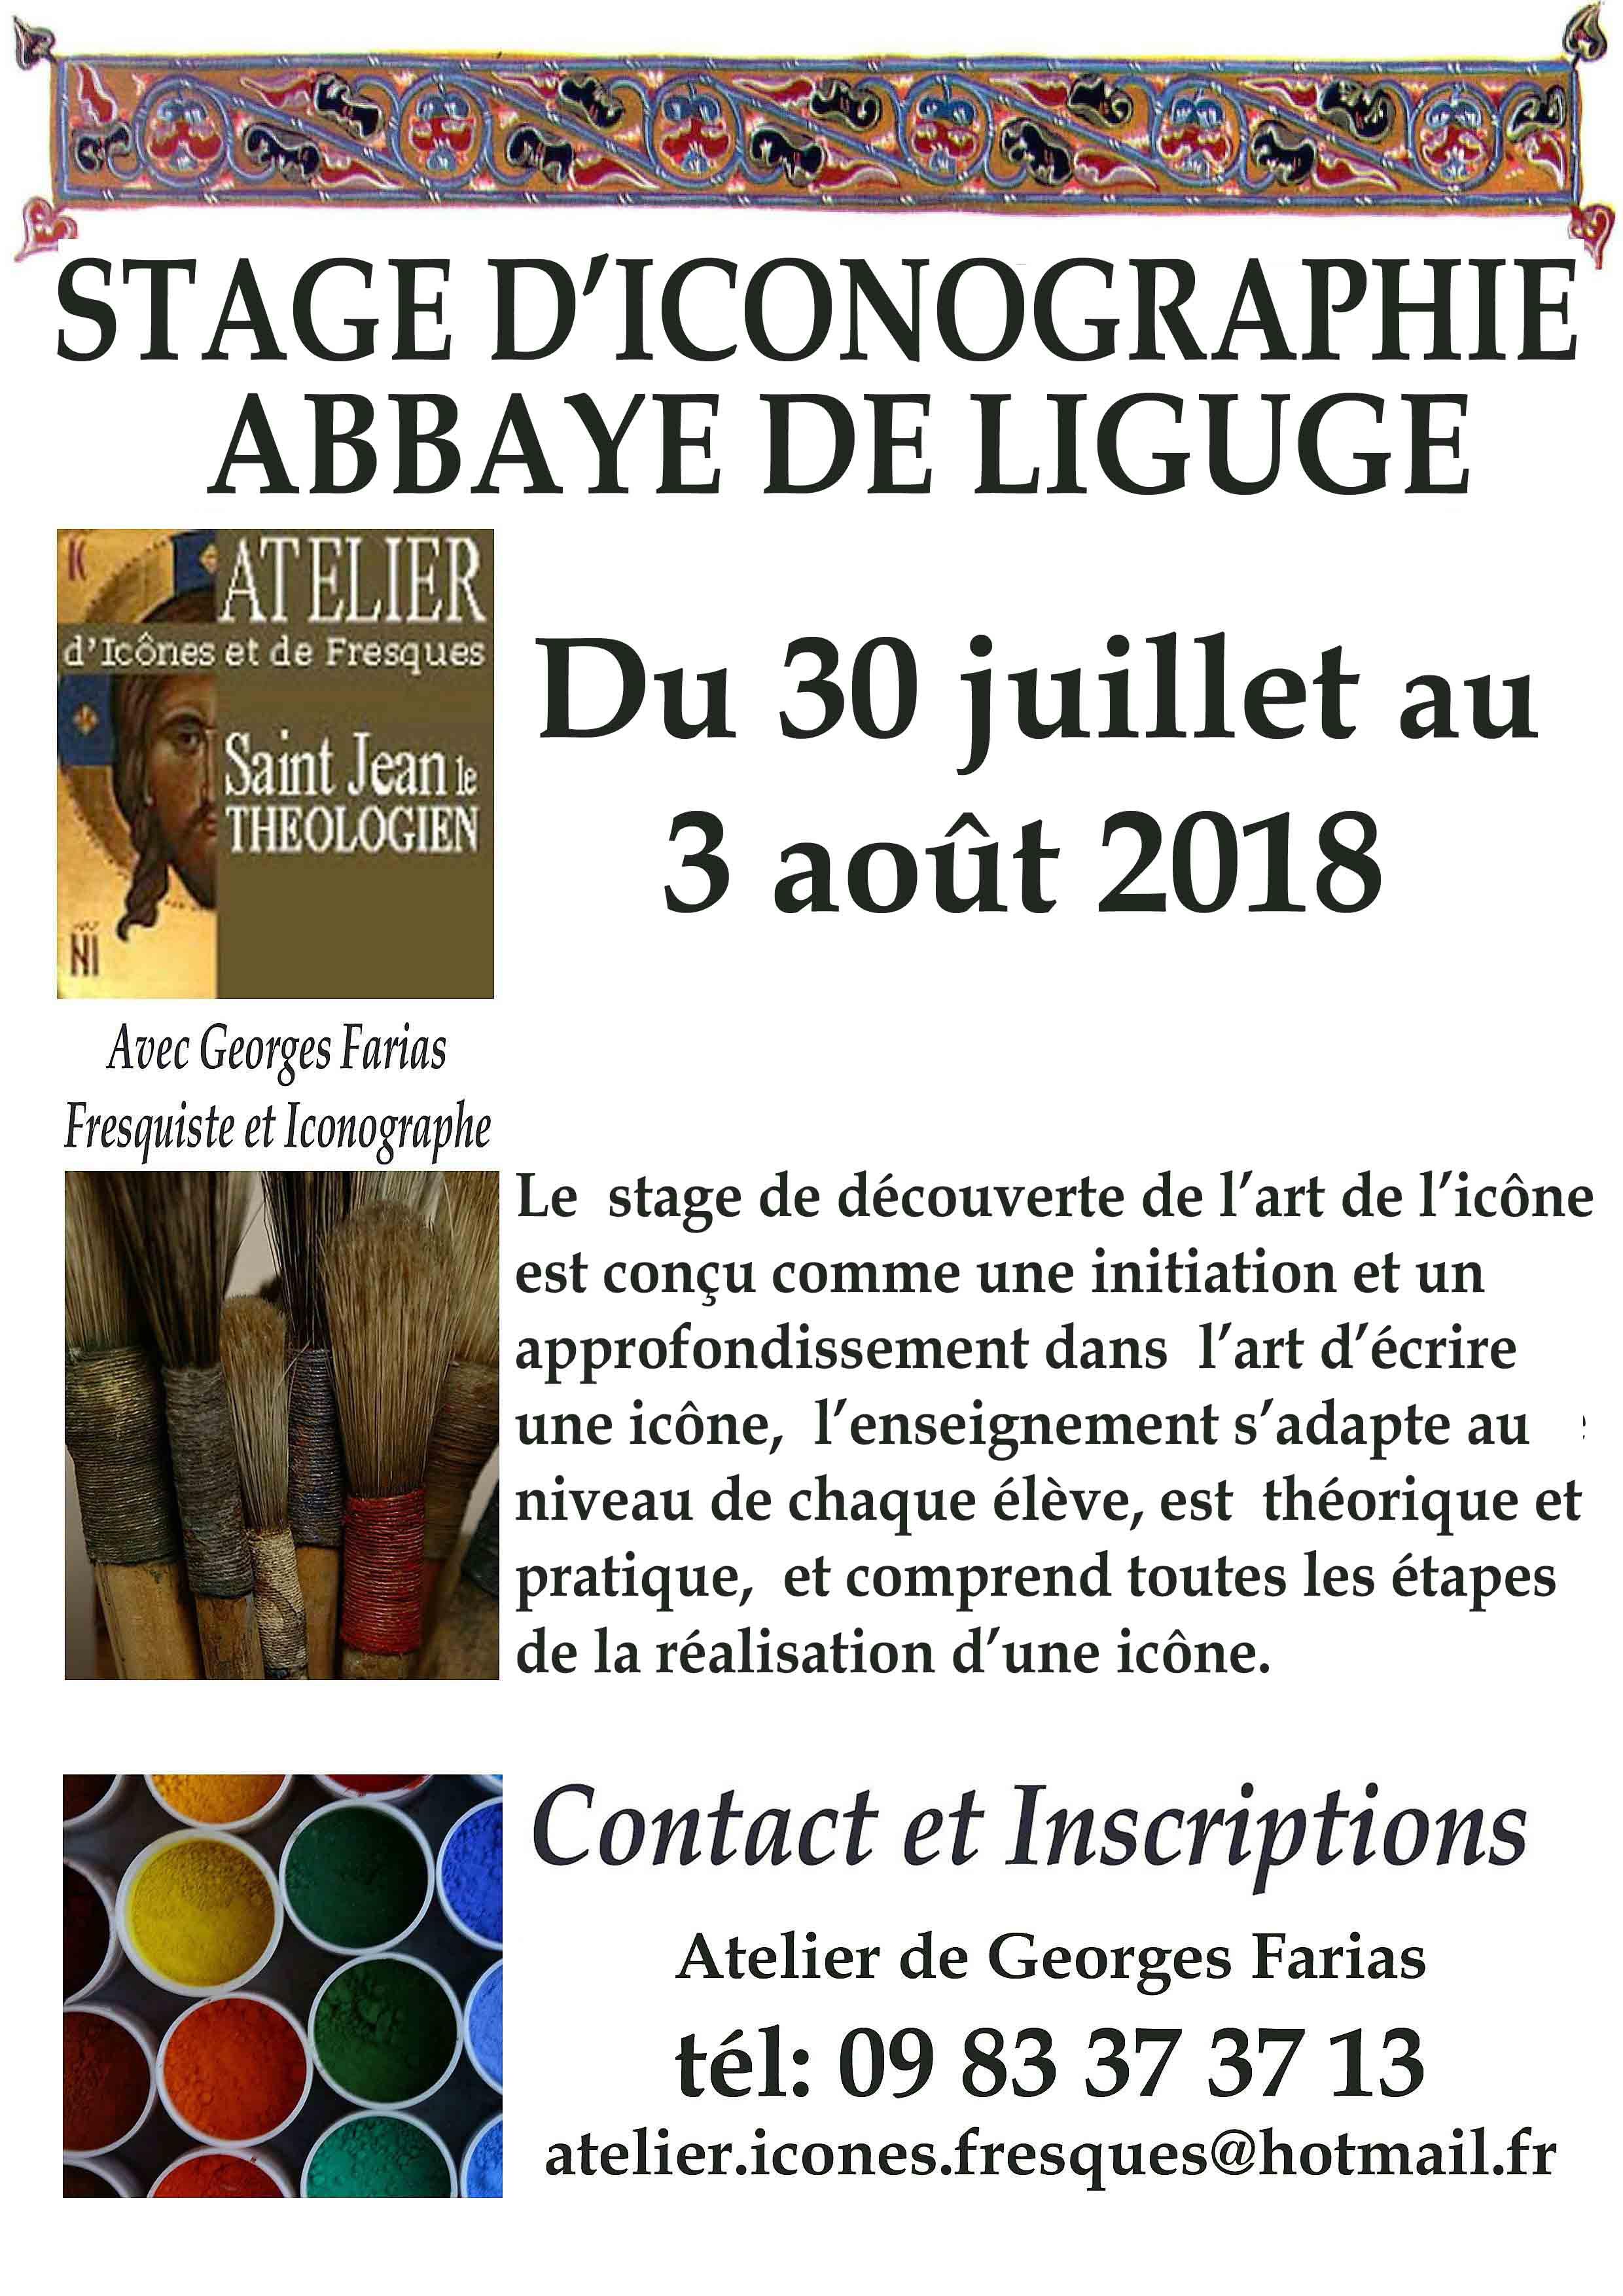 Stage d'Iconographie à l'Abbaye de Ligugé (86) du 30 juillet au 3 août 2018